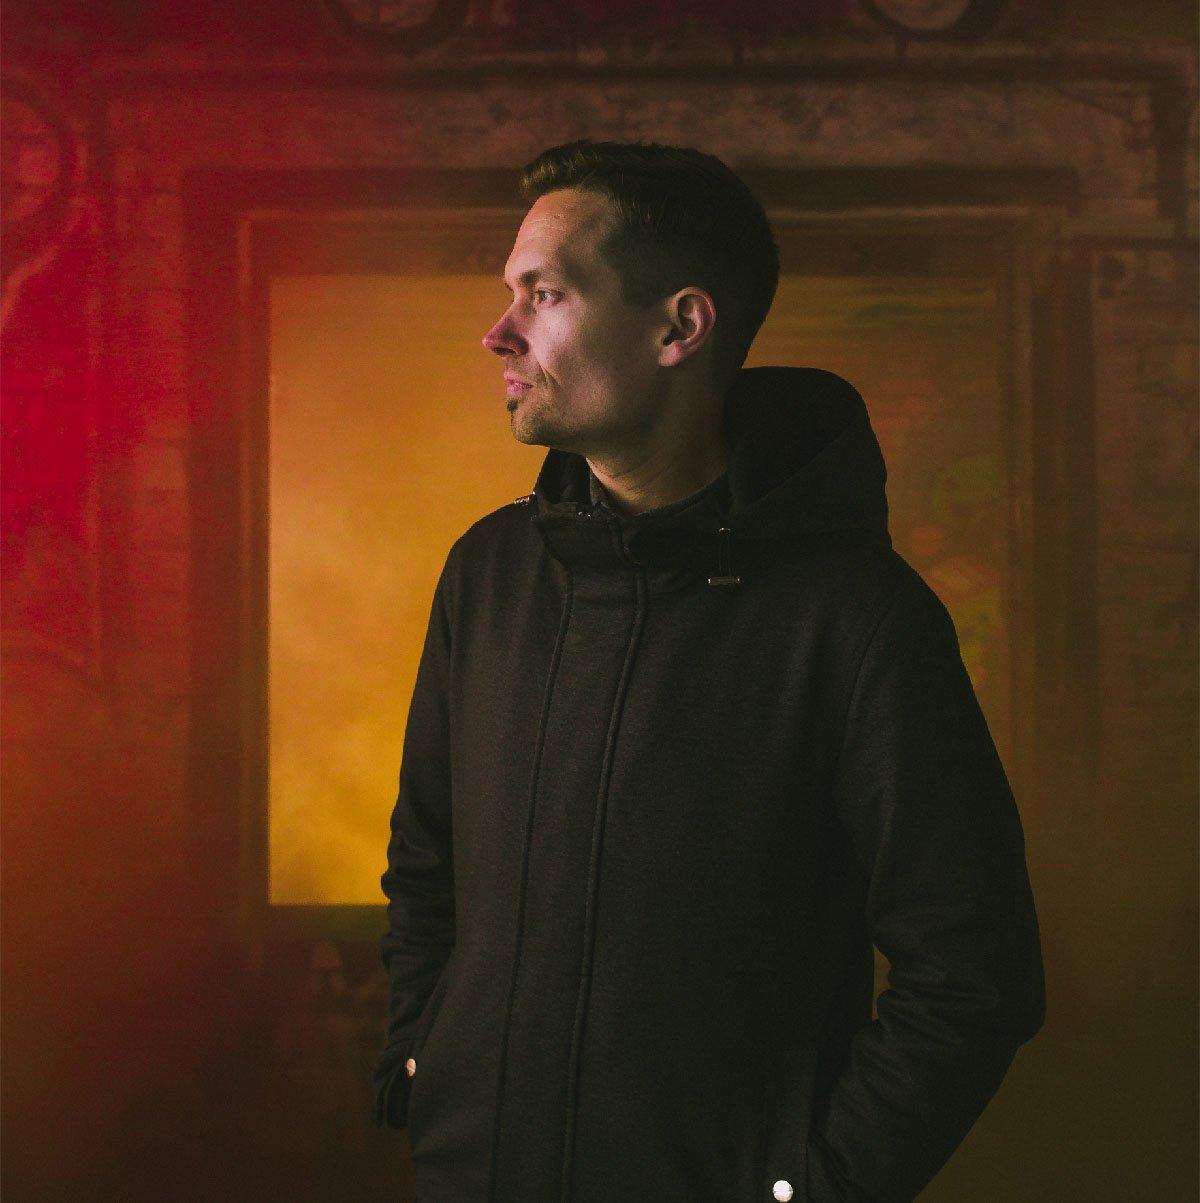 Henkilökuva Markkinointitoimisto TREILin yrittäjä Mikko Malisesta punaisen savun edessä